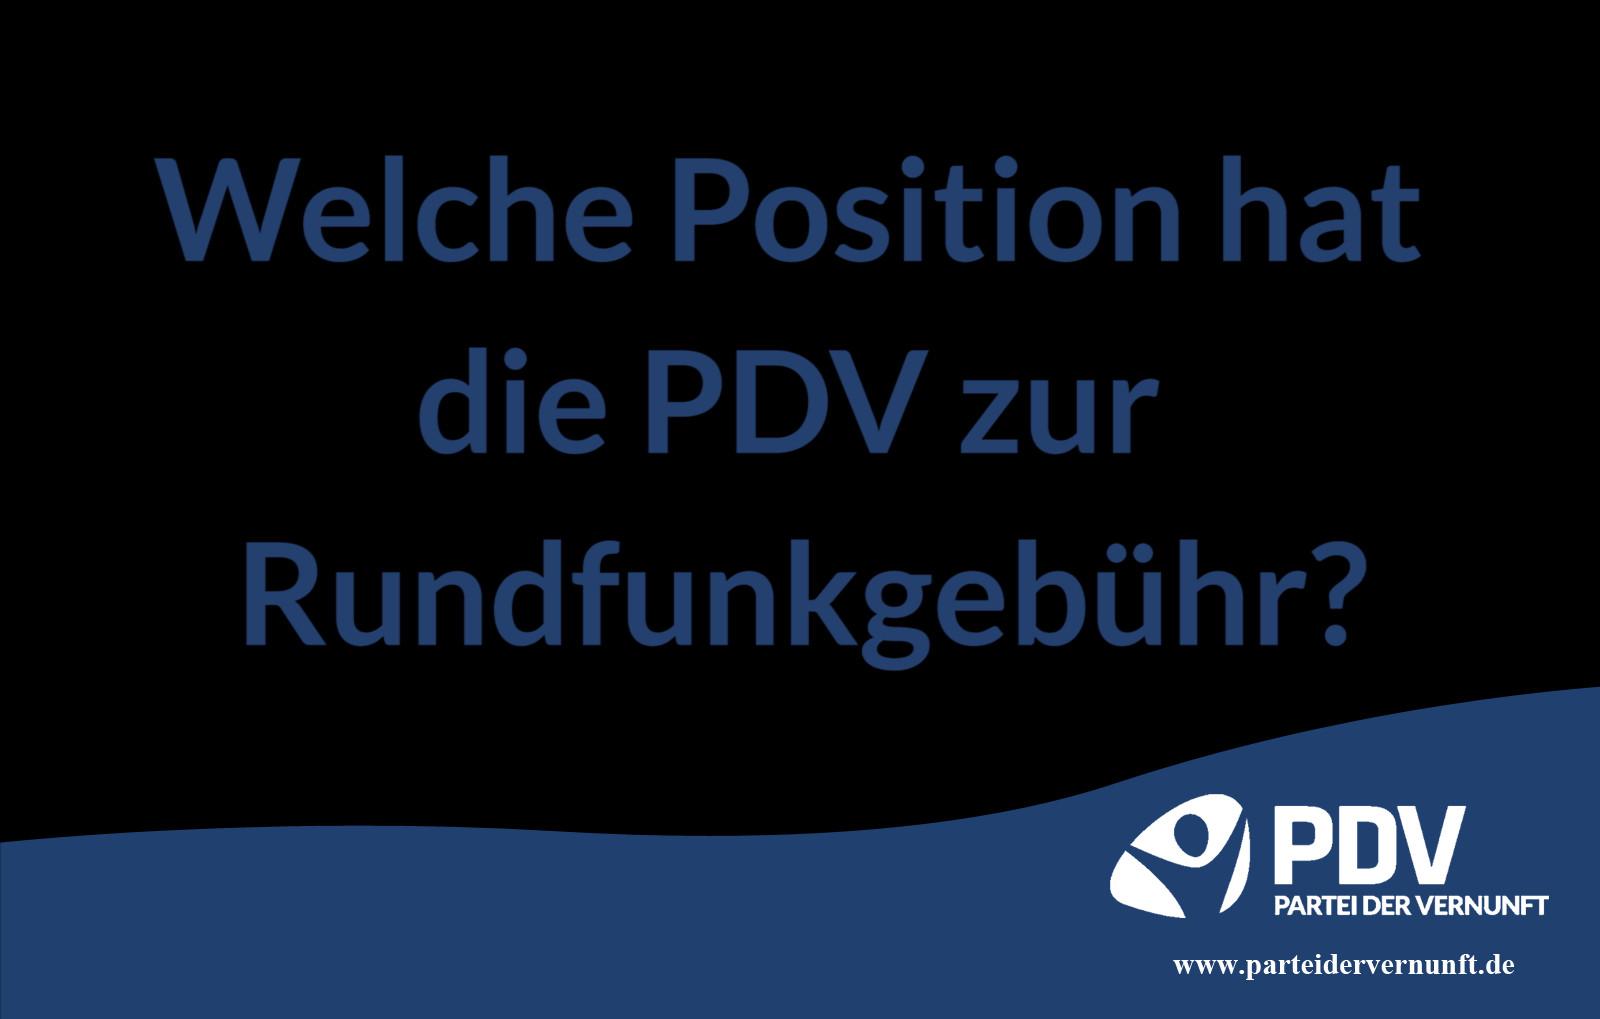 Welche Position hat die PDV zur Rundfunkgebühr (GEZ)?